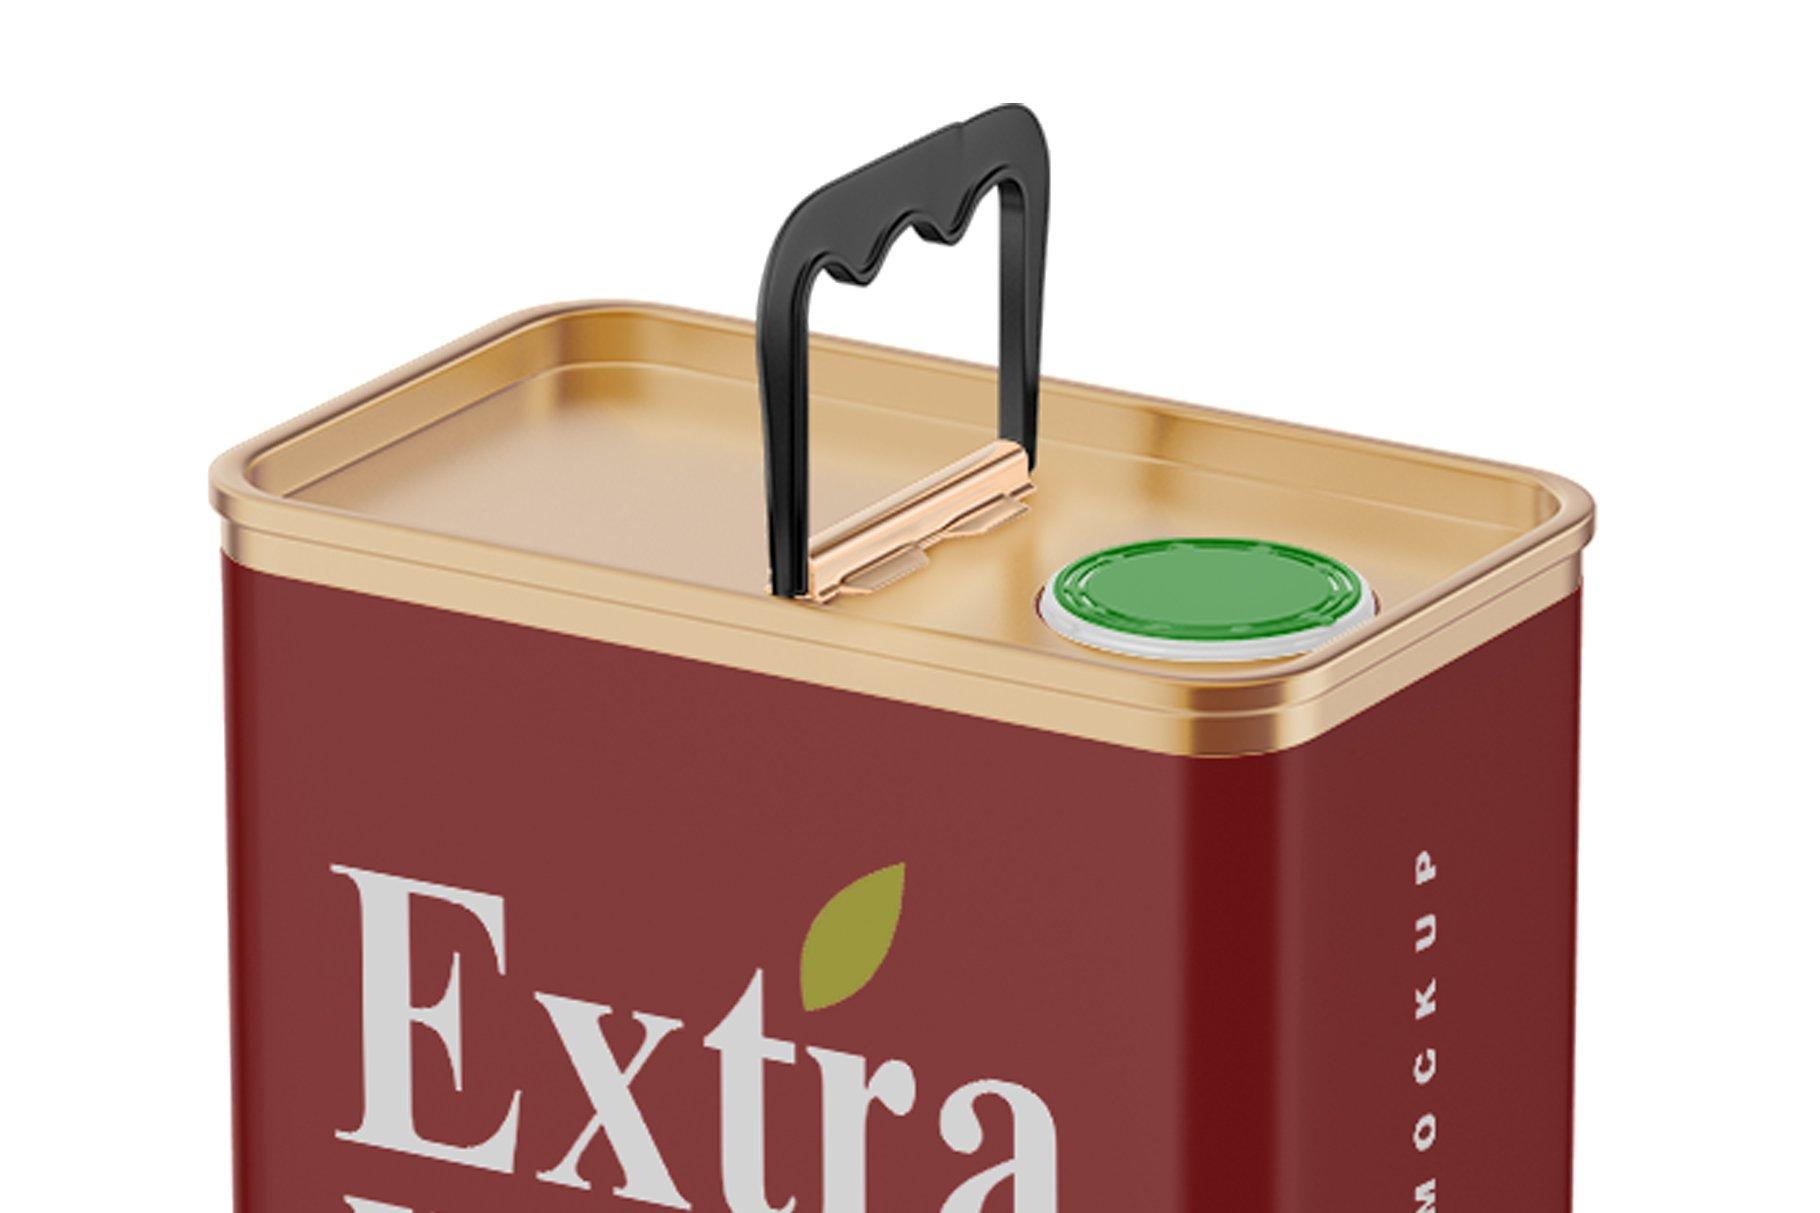 哑光橄榄油锡罐设计展示样机模板 Matte Olive Oil Tin Can Mockup插图(3)